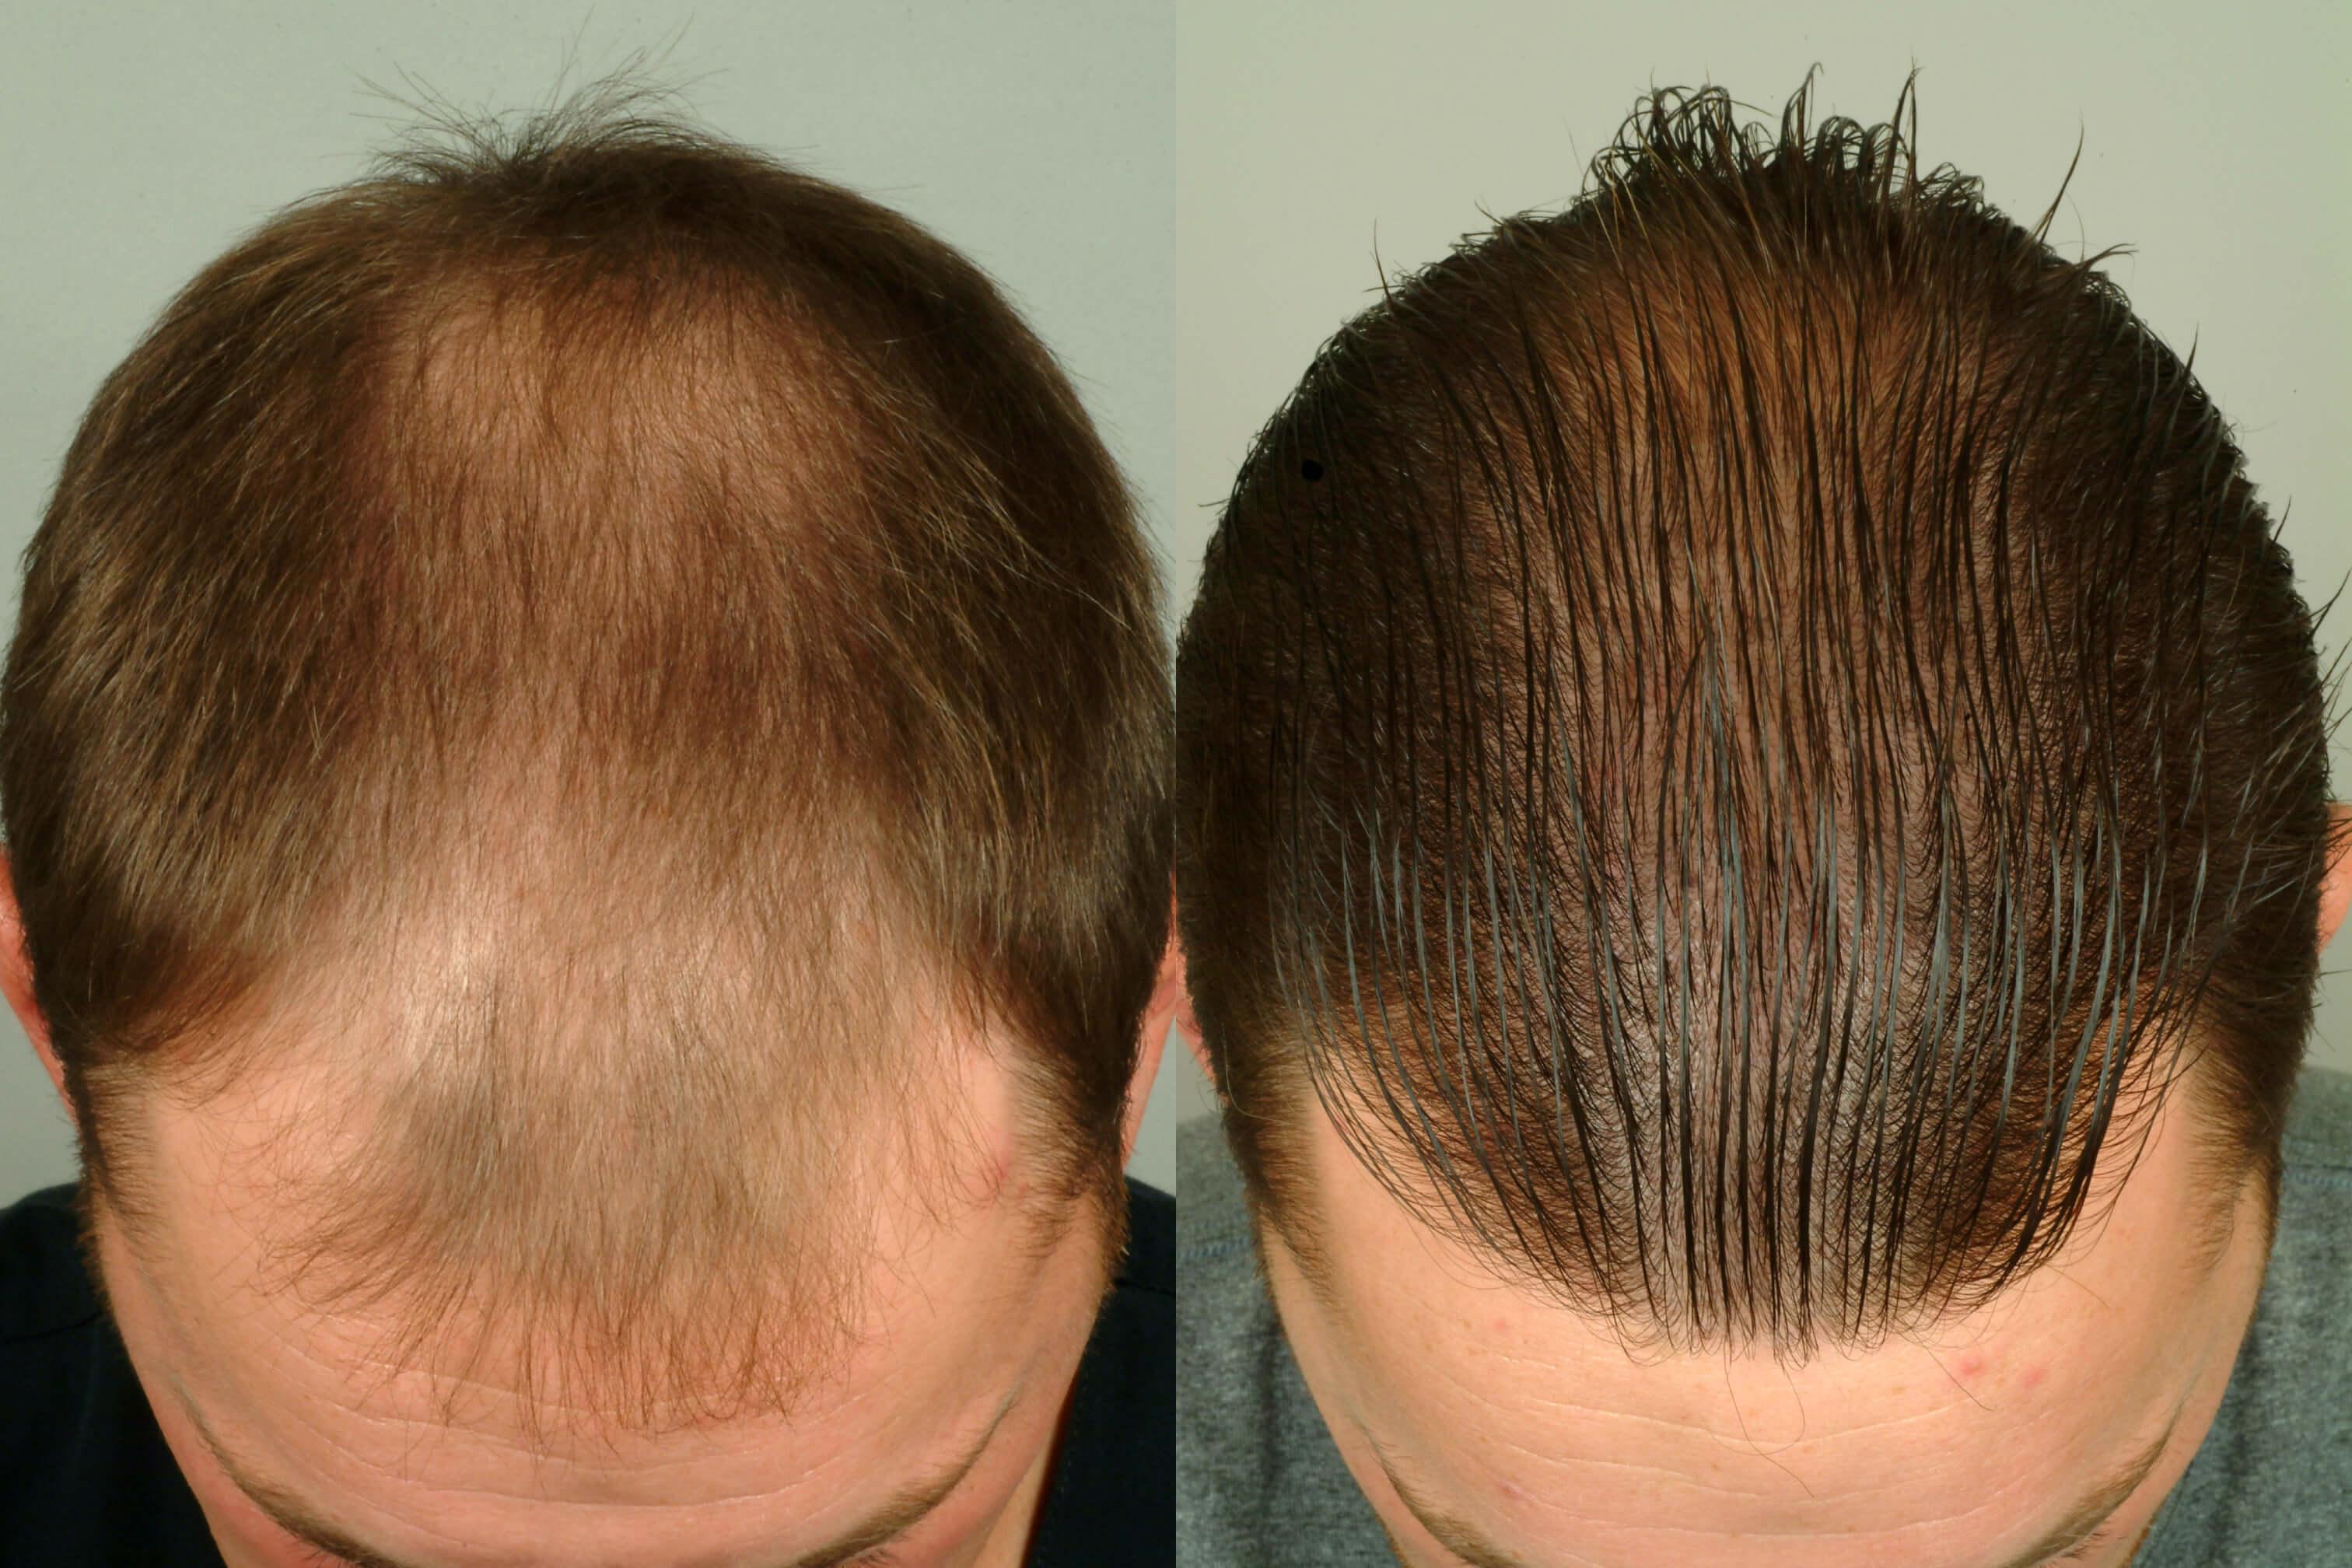 пересадка волос на голове до и после